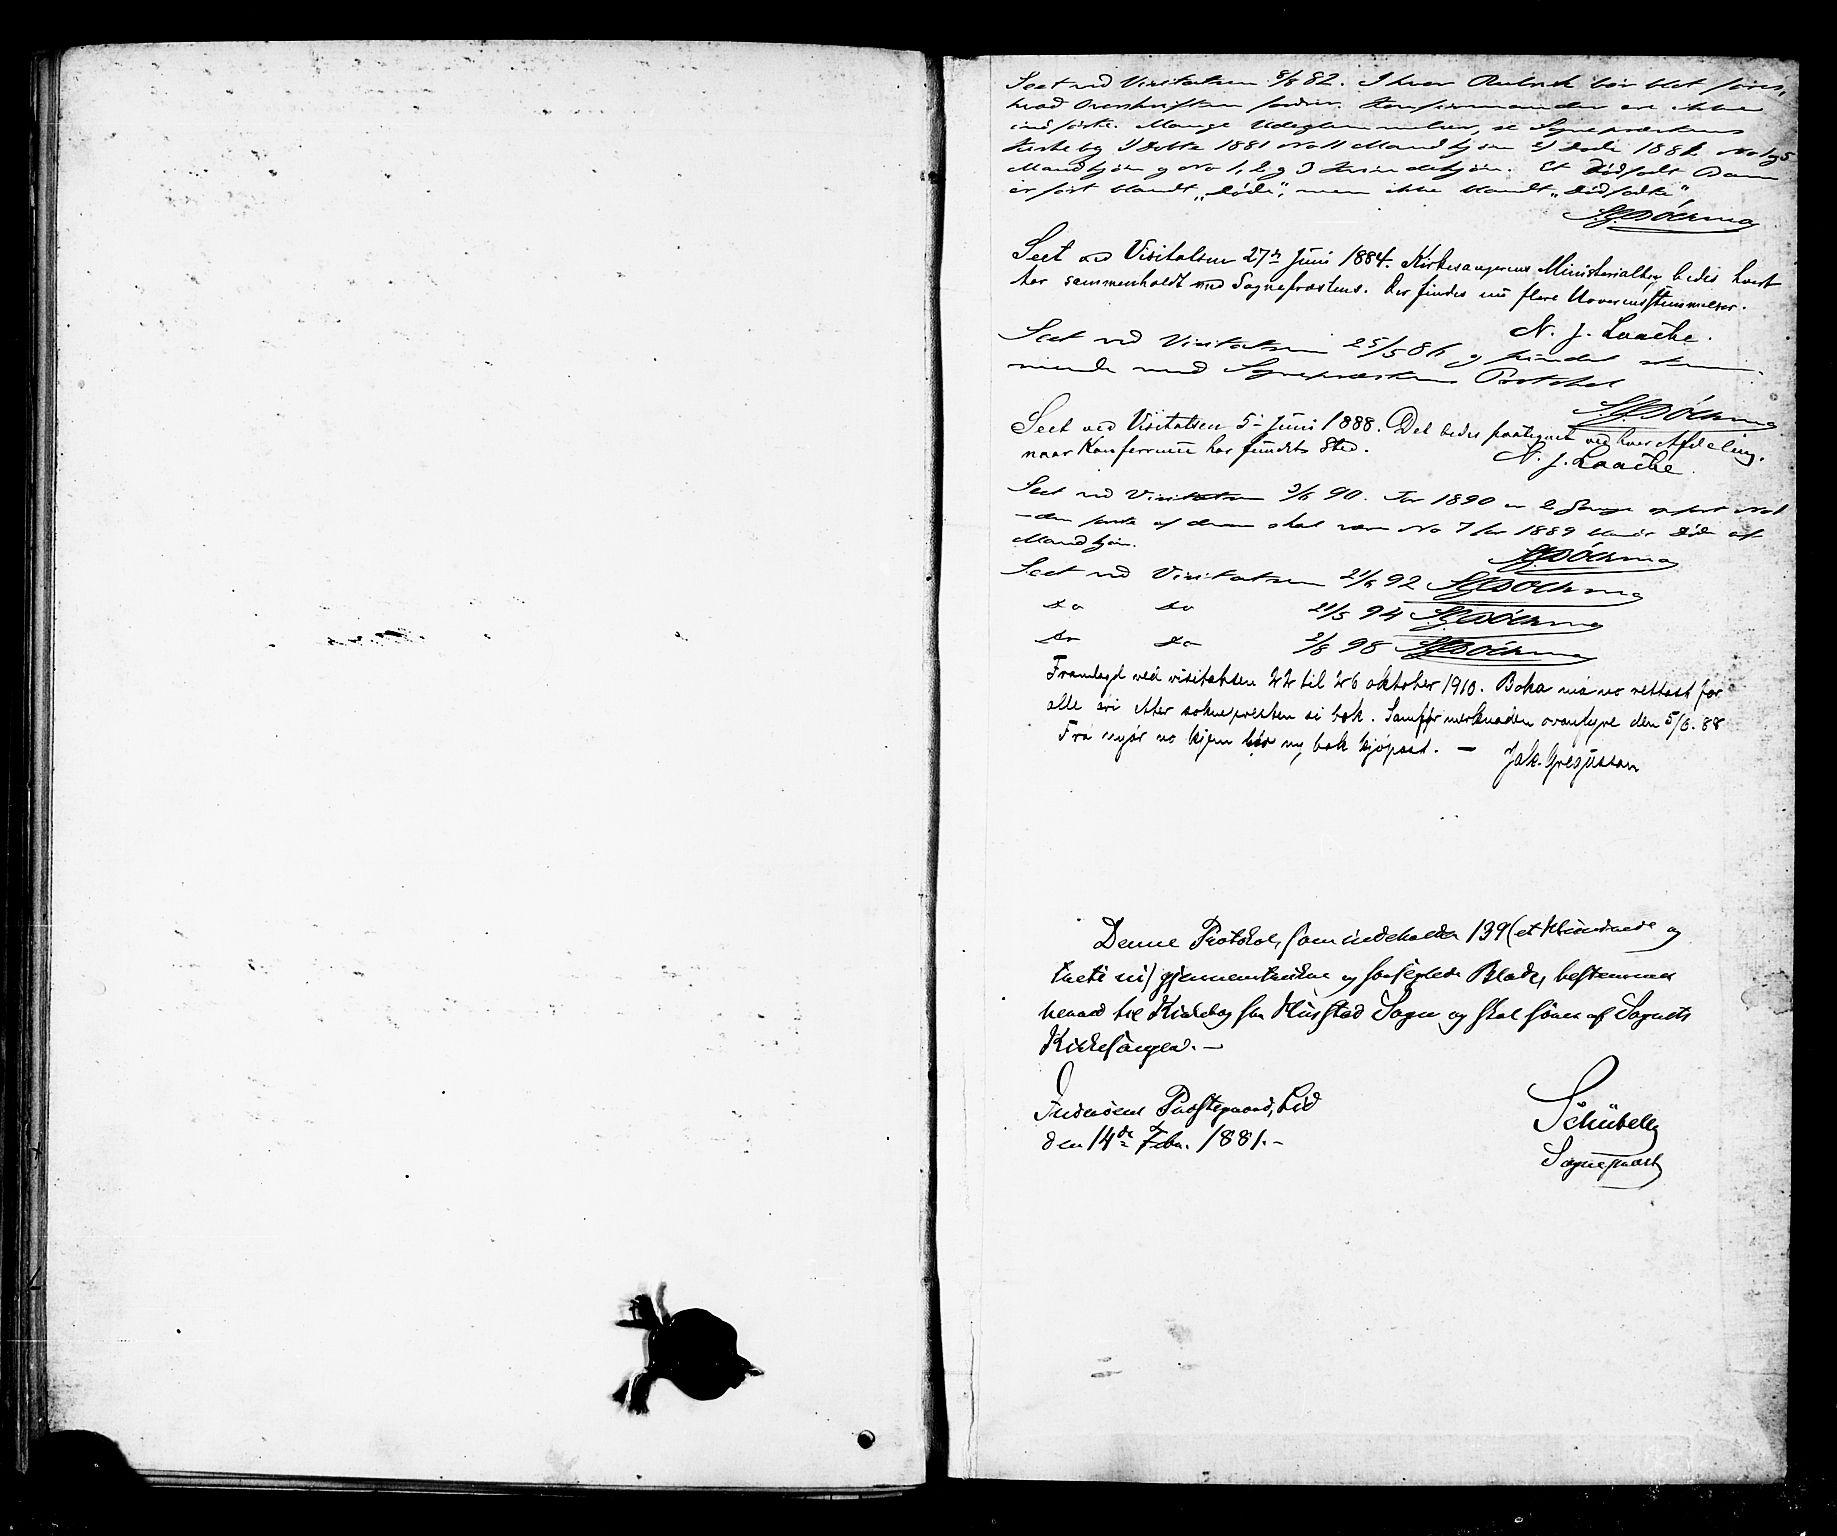 SAT, Ministerialprotokoller, klokkerbøker og fødselsregistre - Nord-Trøndelag, 732/L0318: Klokkerbok nr. 732C02, 1881-1911